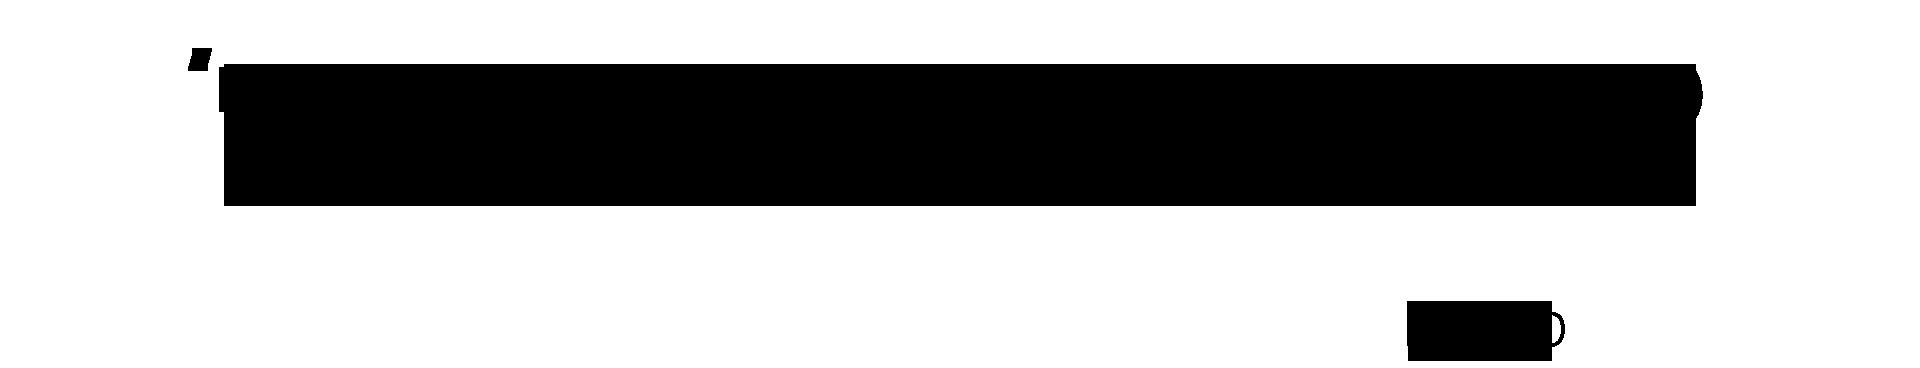 Слайд Обратной связи 2